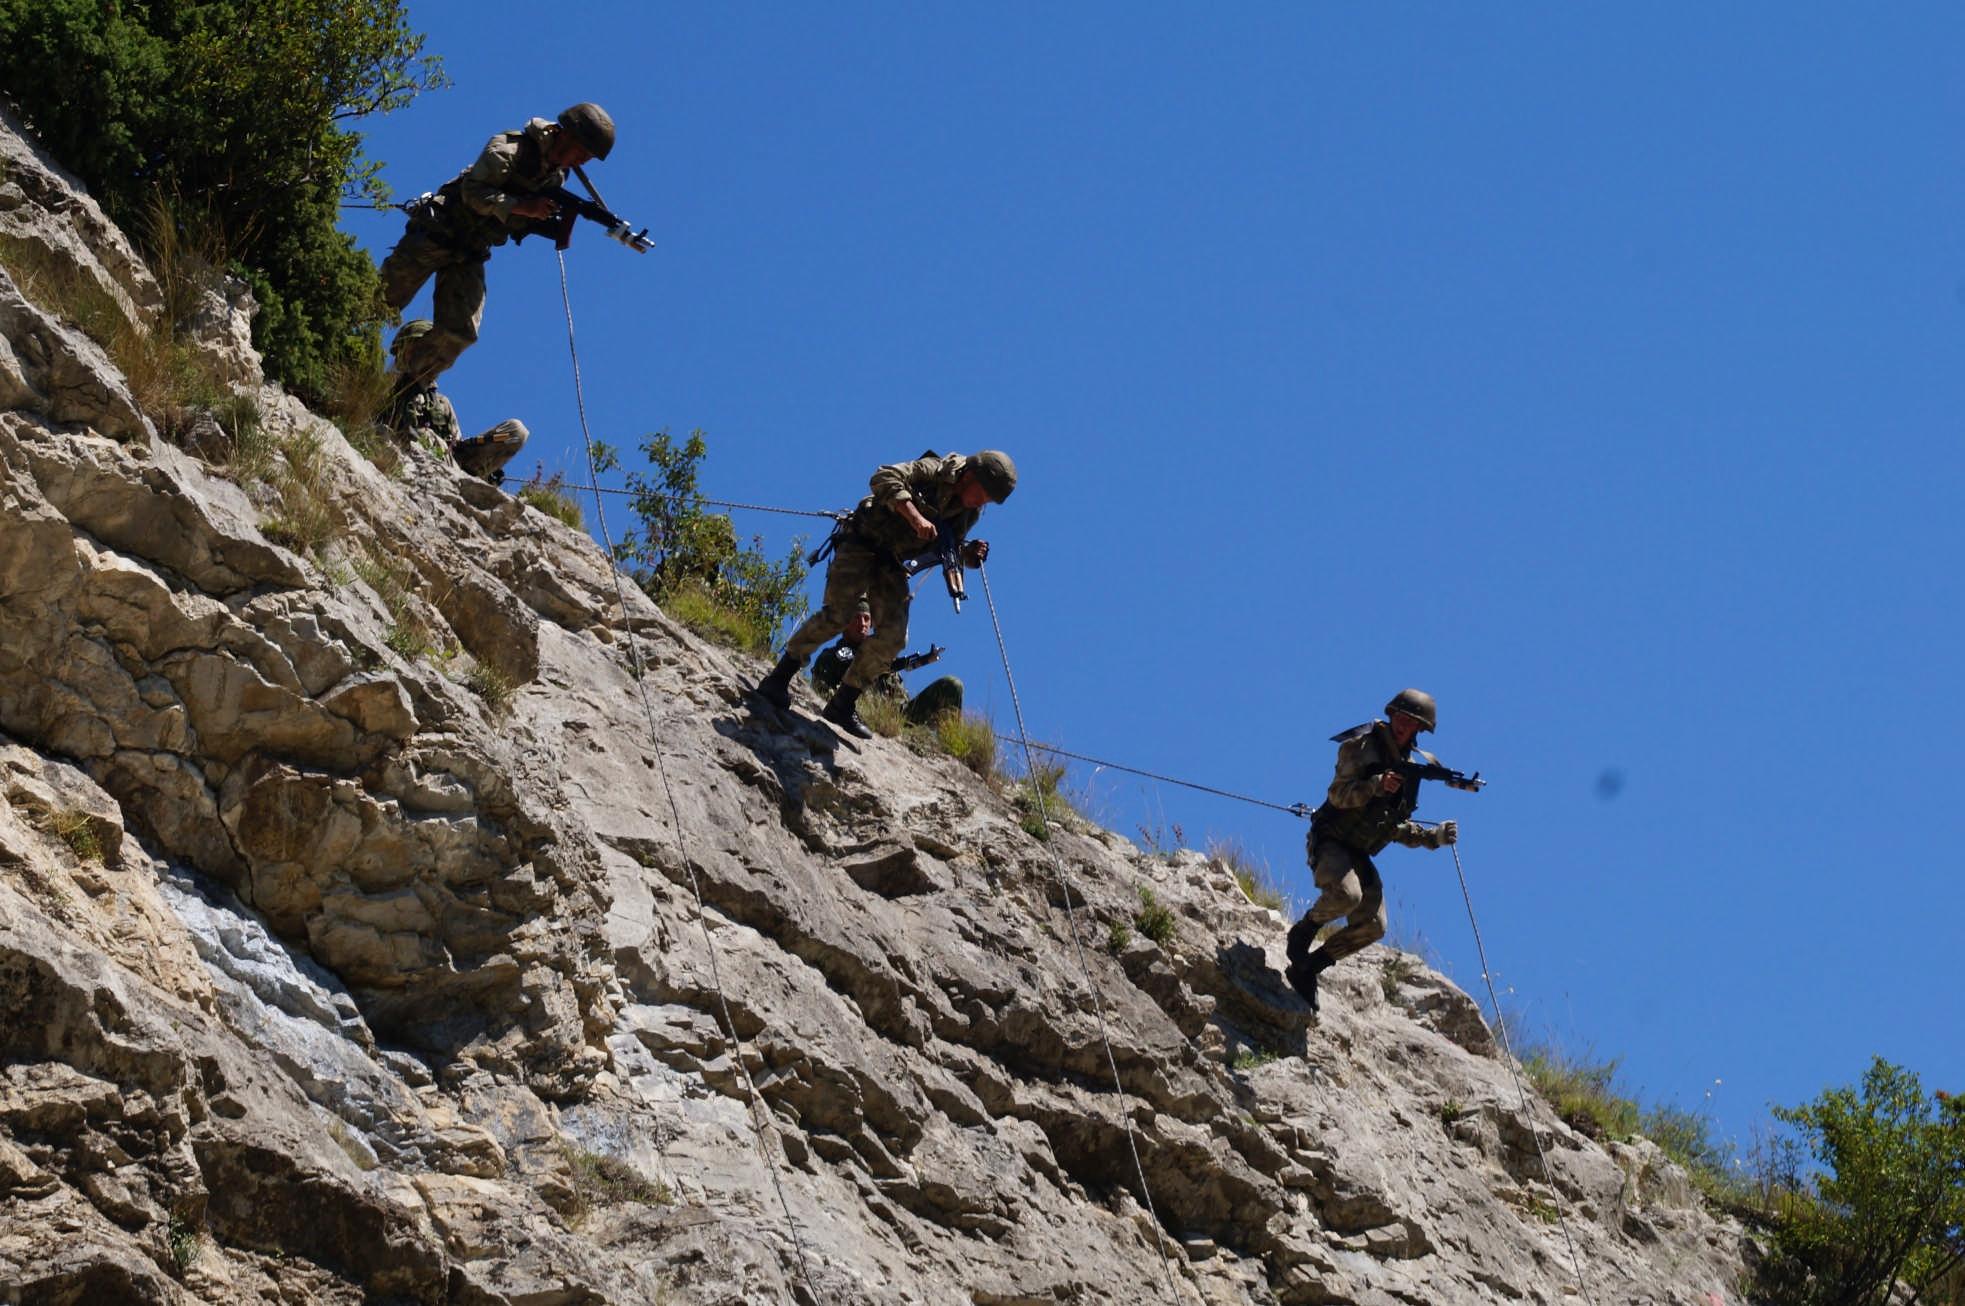 Разведчики ЮВО приступили к проведению комплексных соревнований на горном полигоне «Дарьял»